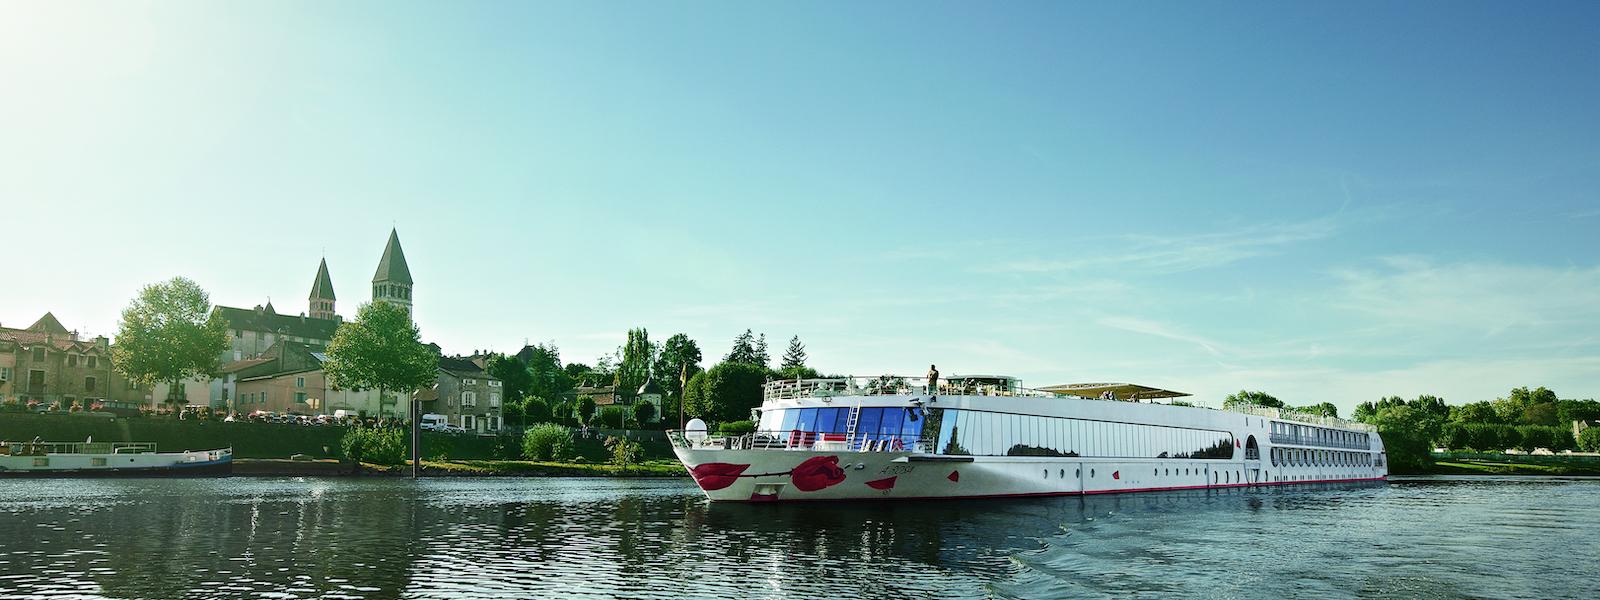 Eine Flusskreuzfahrt durch Europa